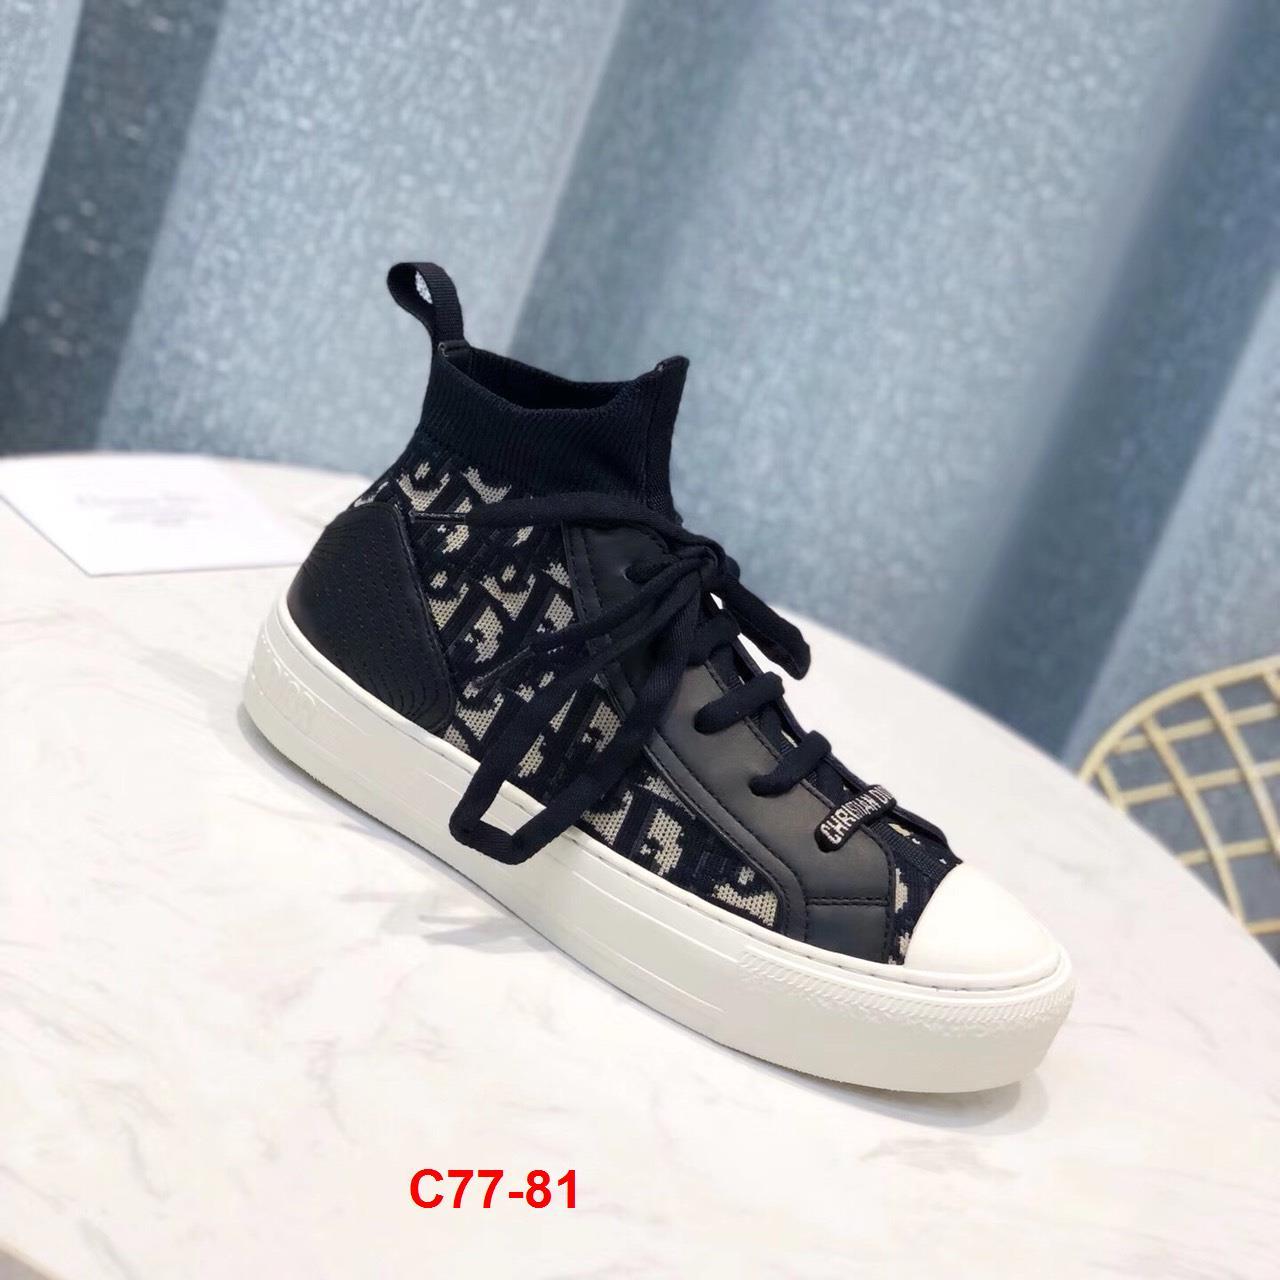 C77-81 Dior giày thể thao siêu cấp